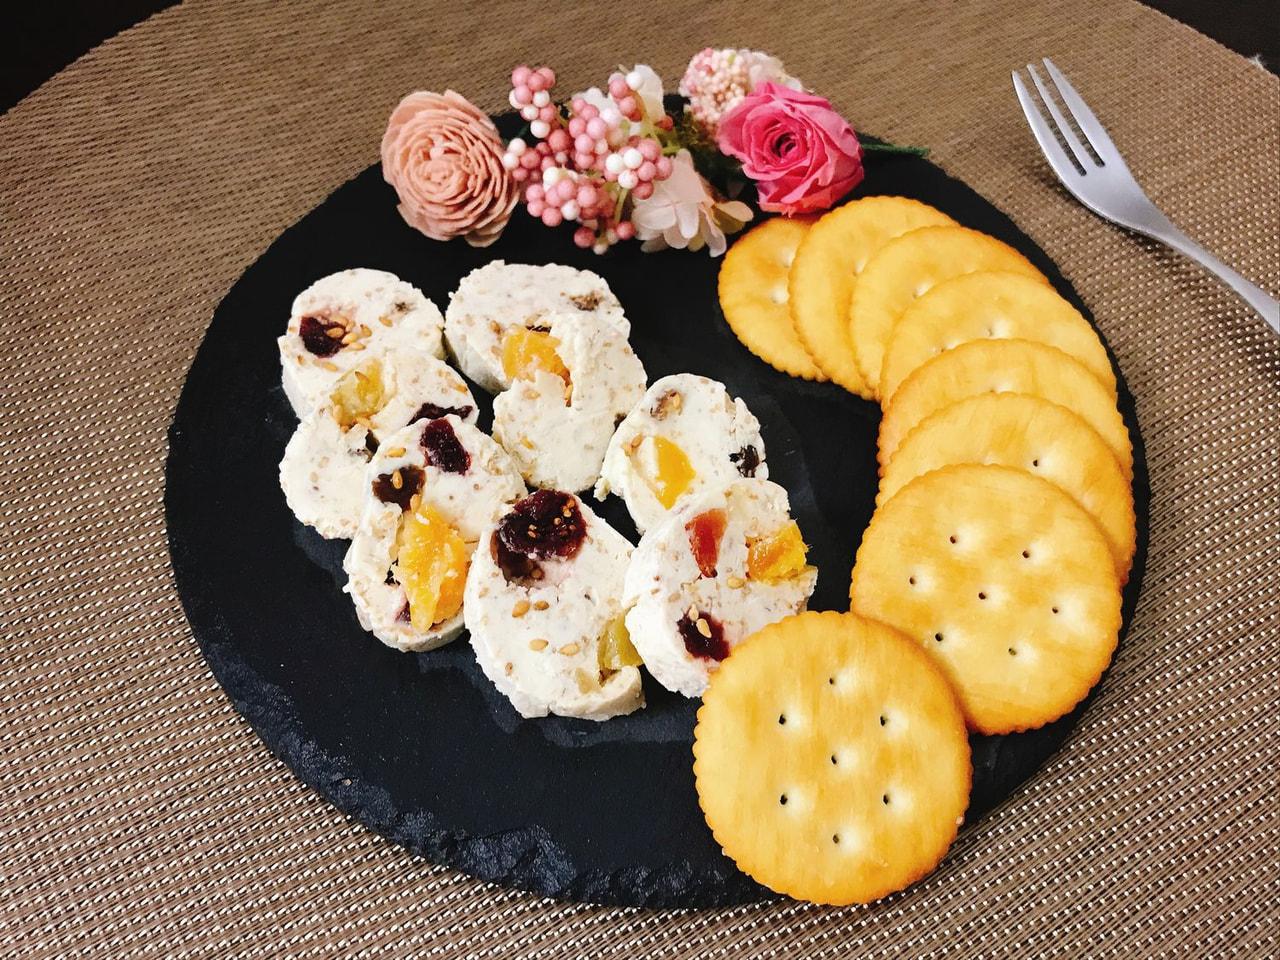 セサミフルーツクリームチーズ